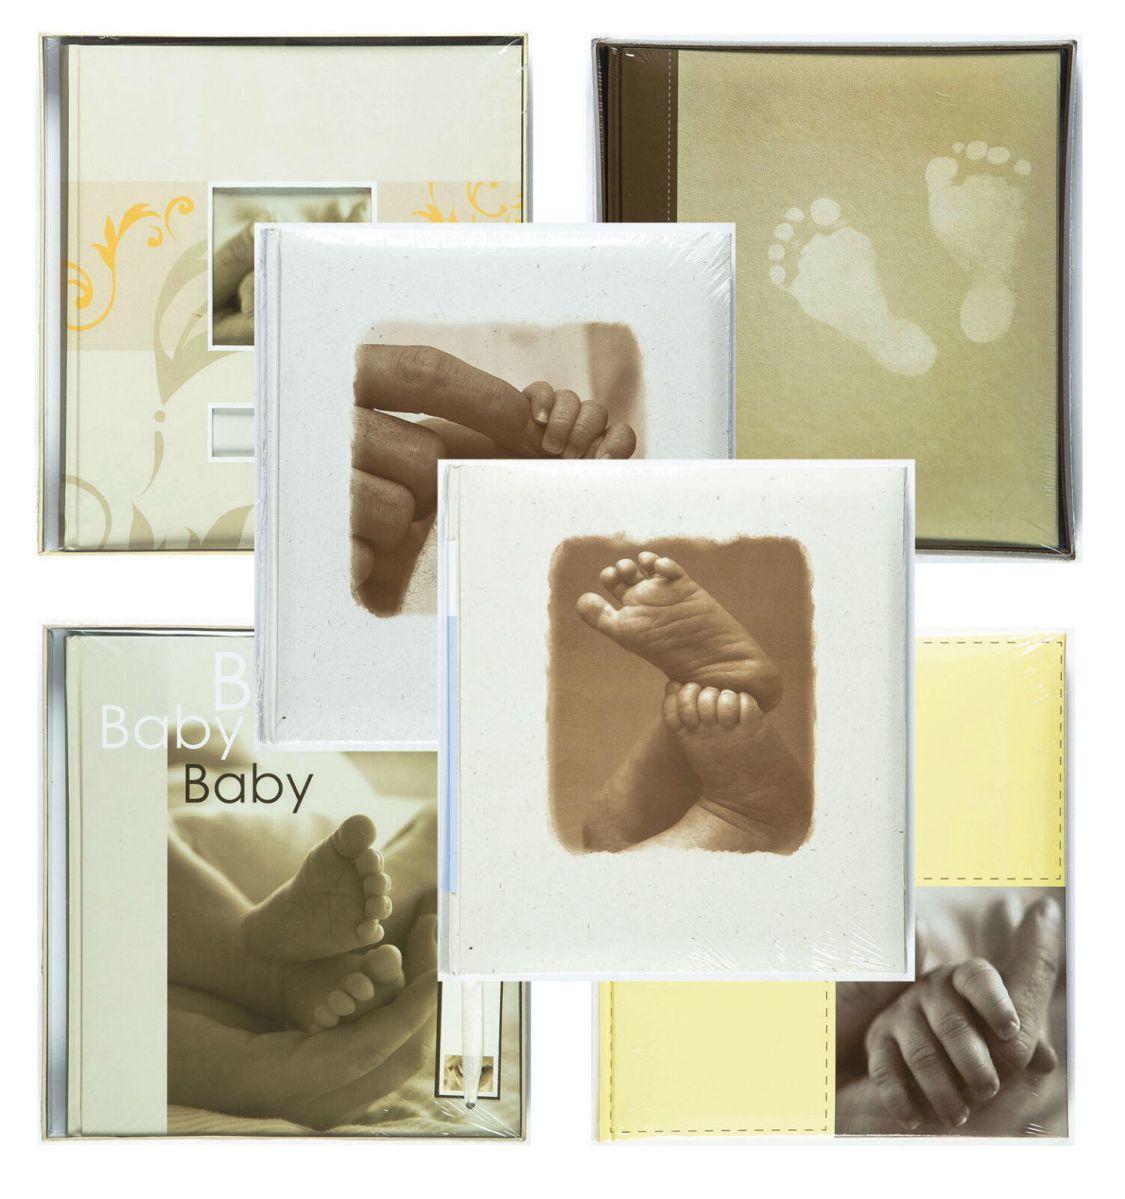 Fotoalbum Babyalbum Fotobuch neutral Mädchen Junge von Henzo auch mit Fotoleim